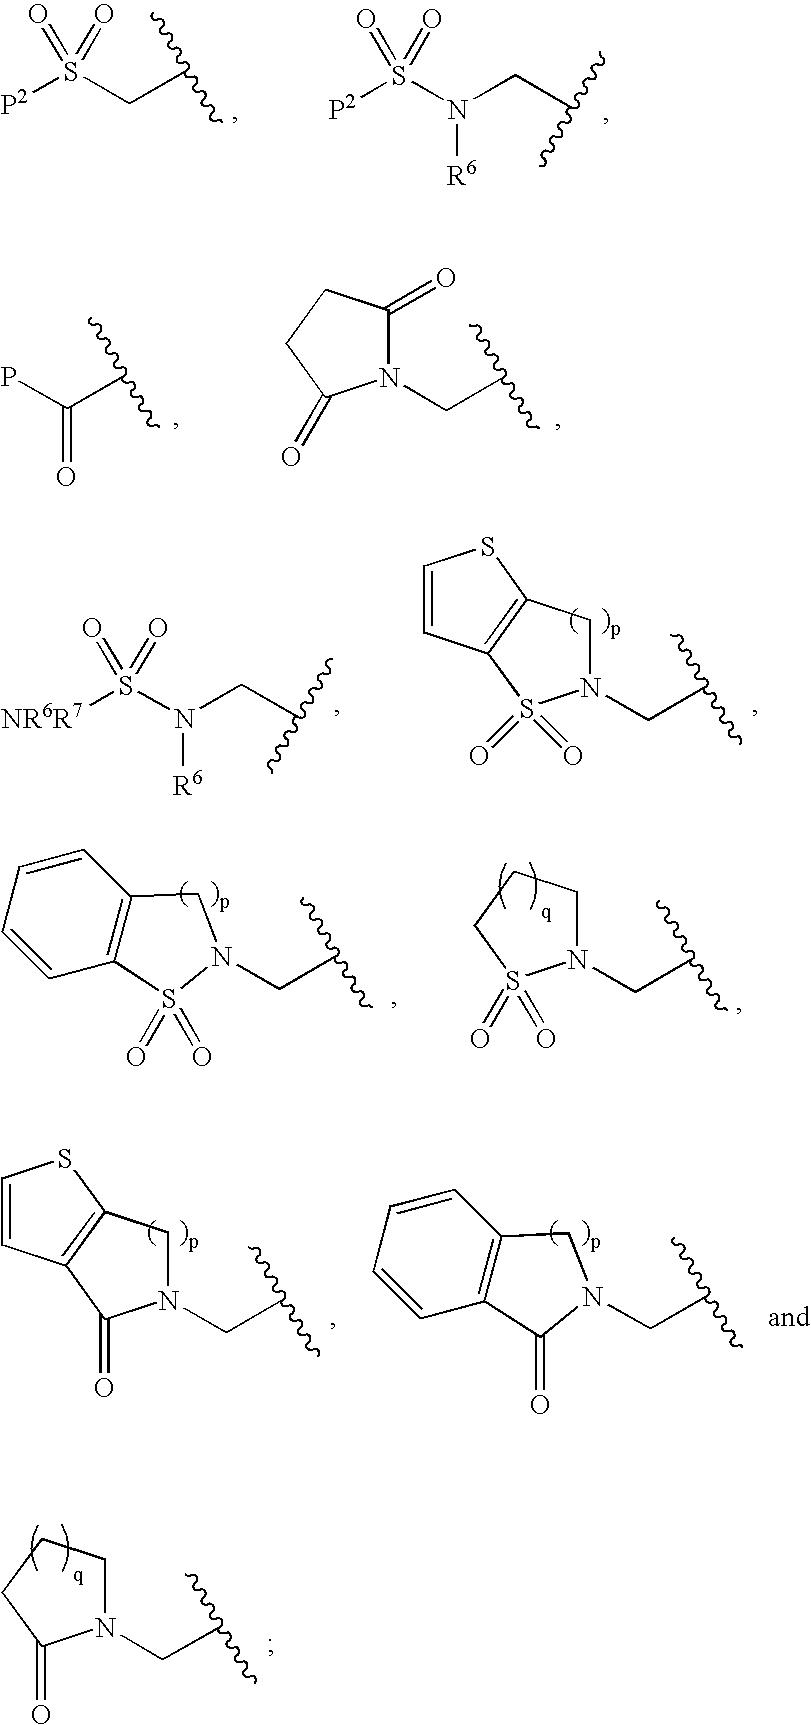 Figure US20060276404A1-20061207-C00186